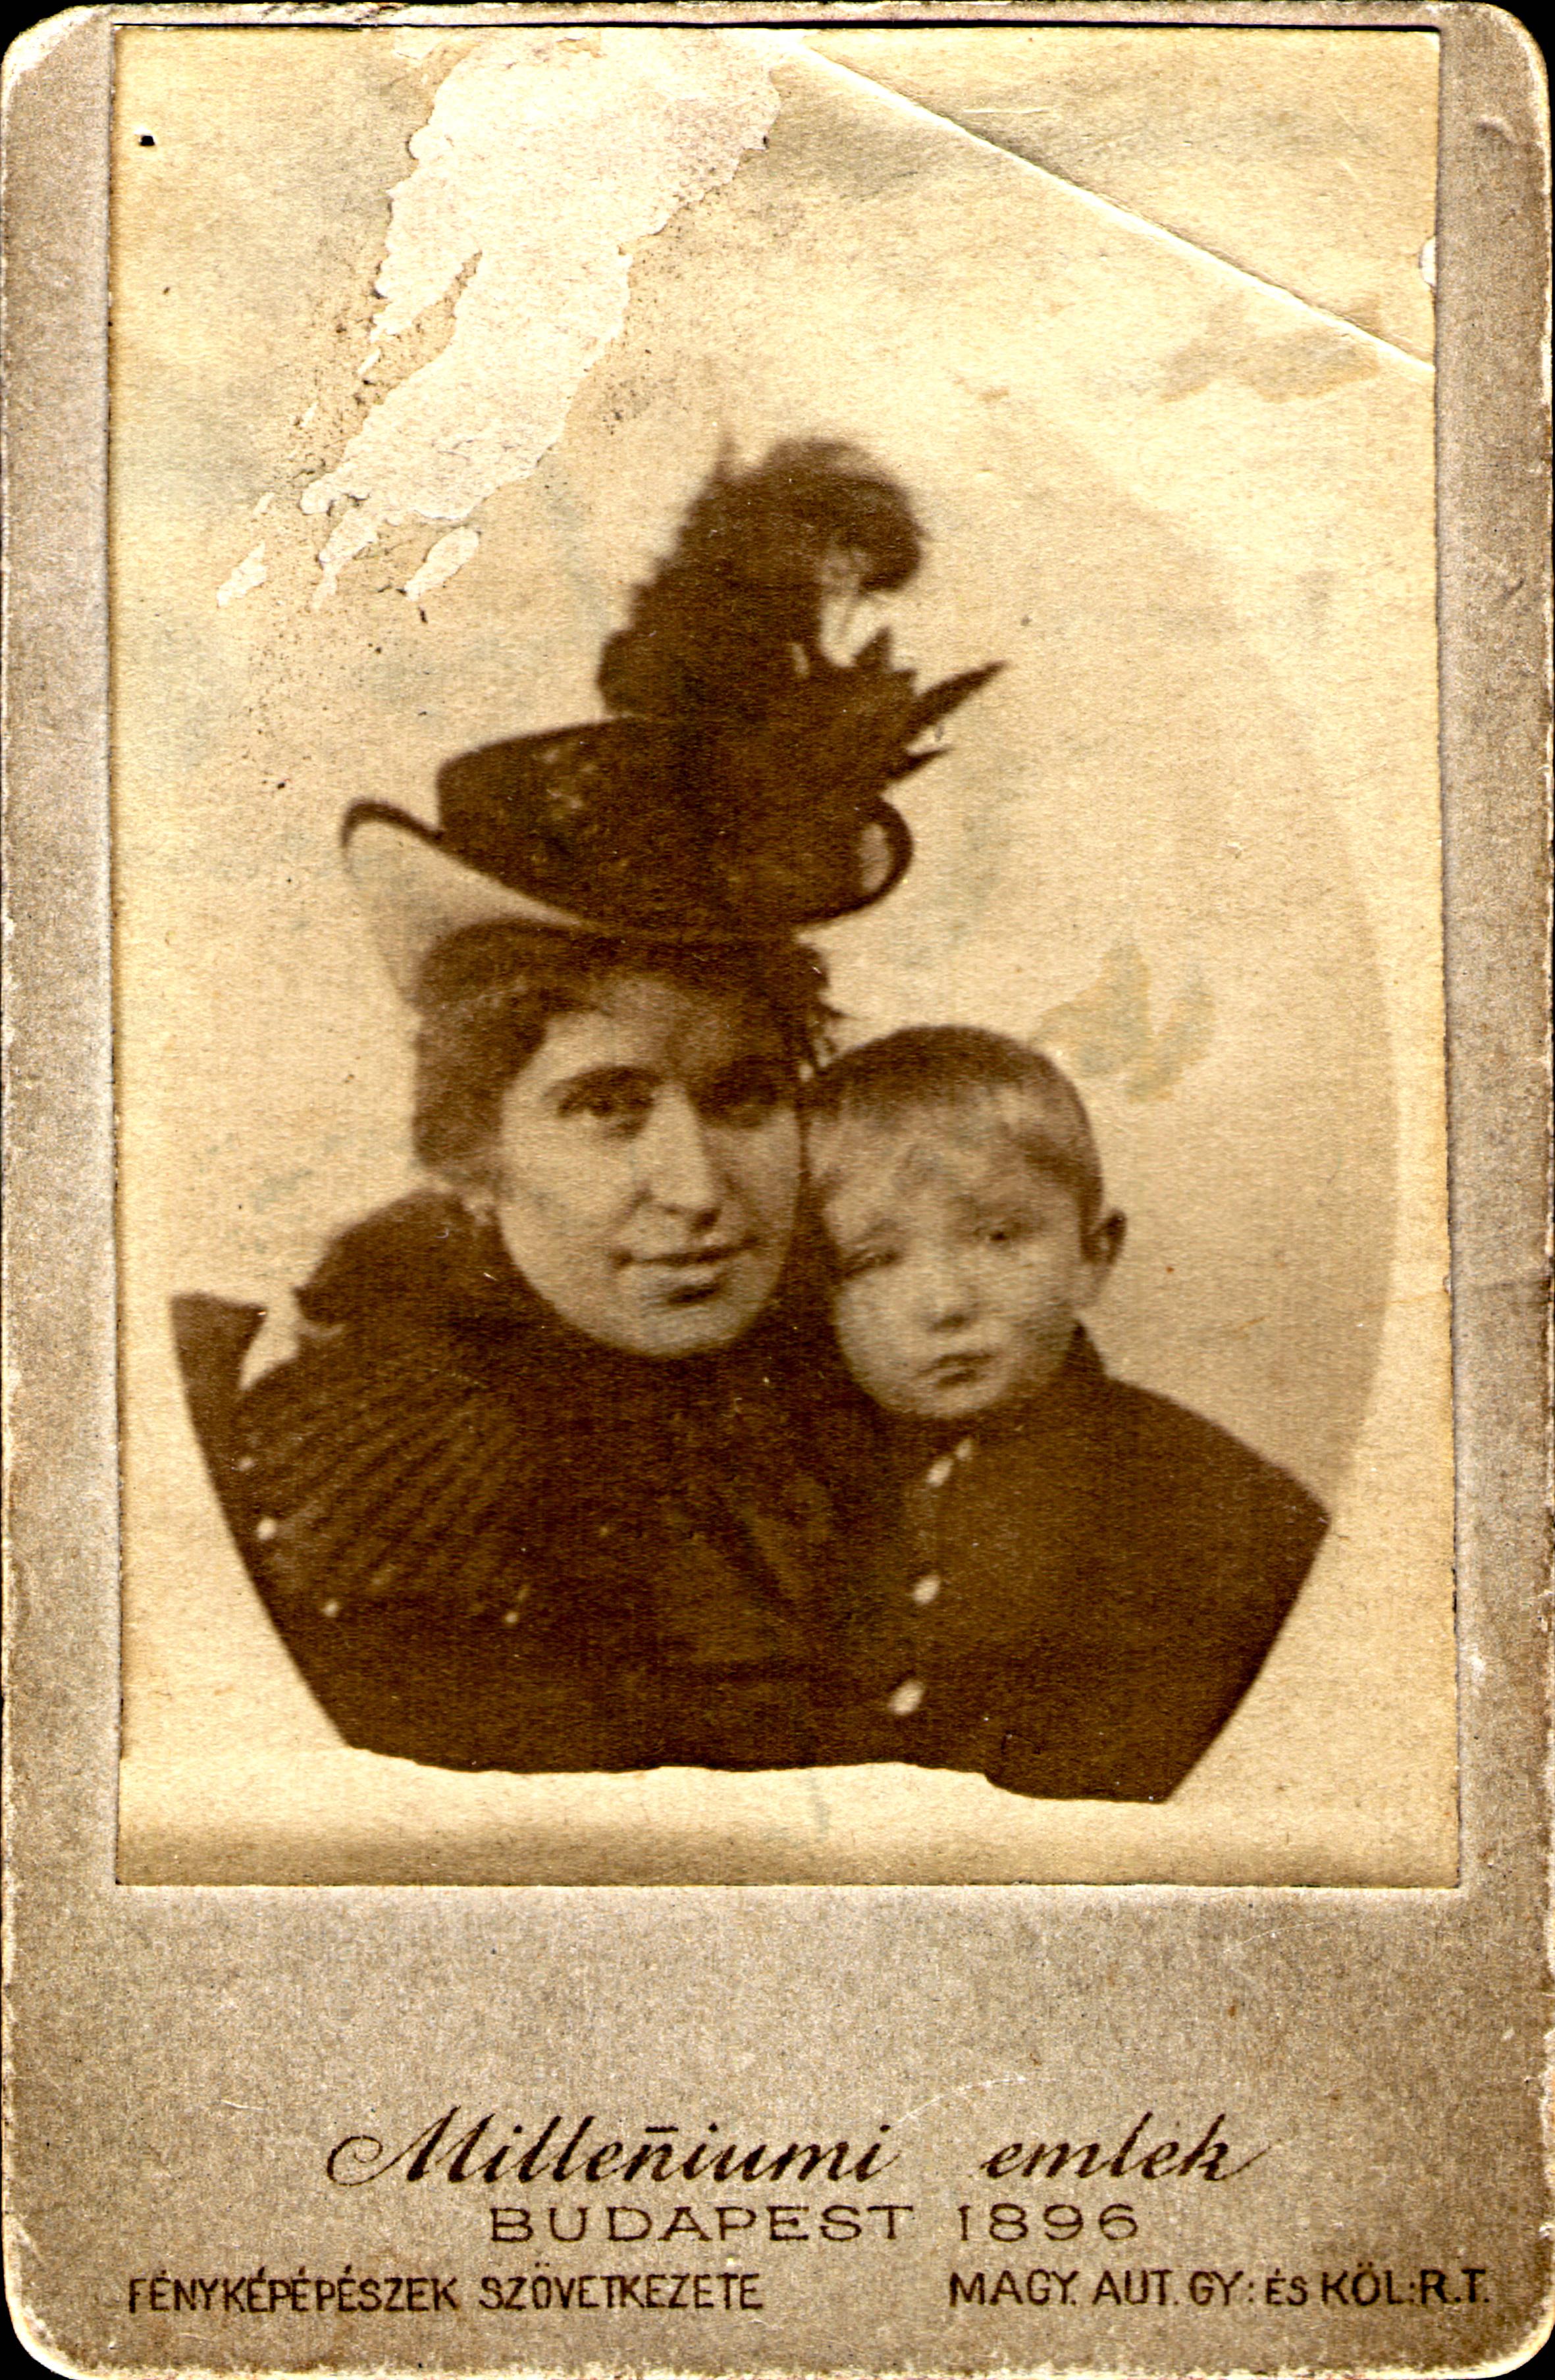 Hermina Sebestyen and her son, Erno